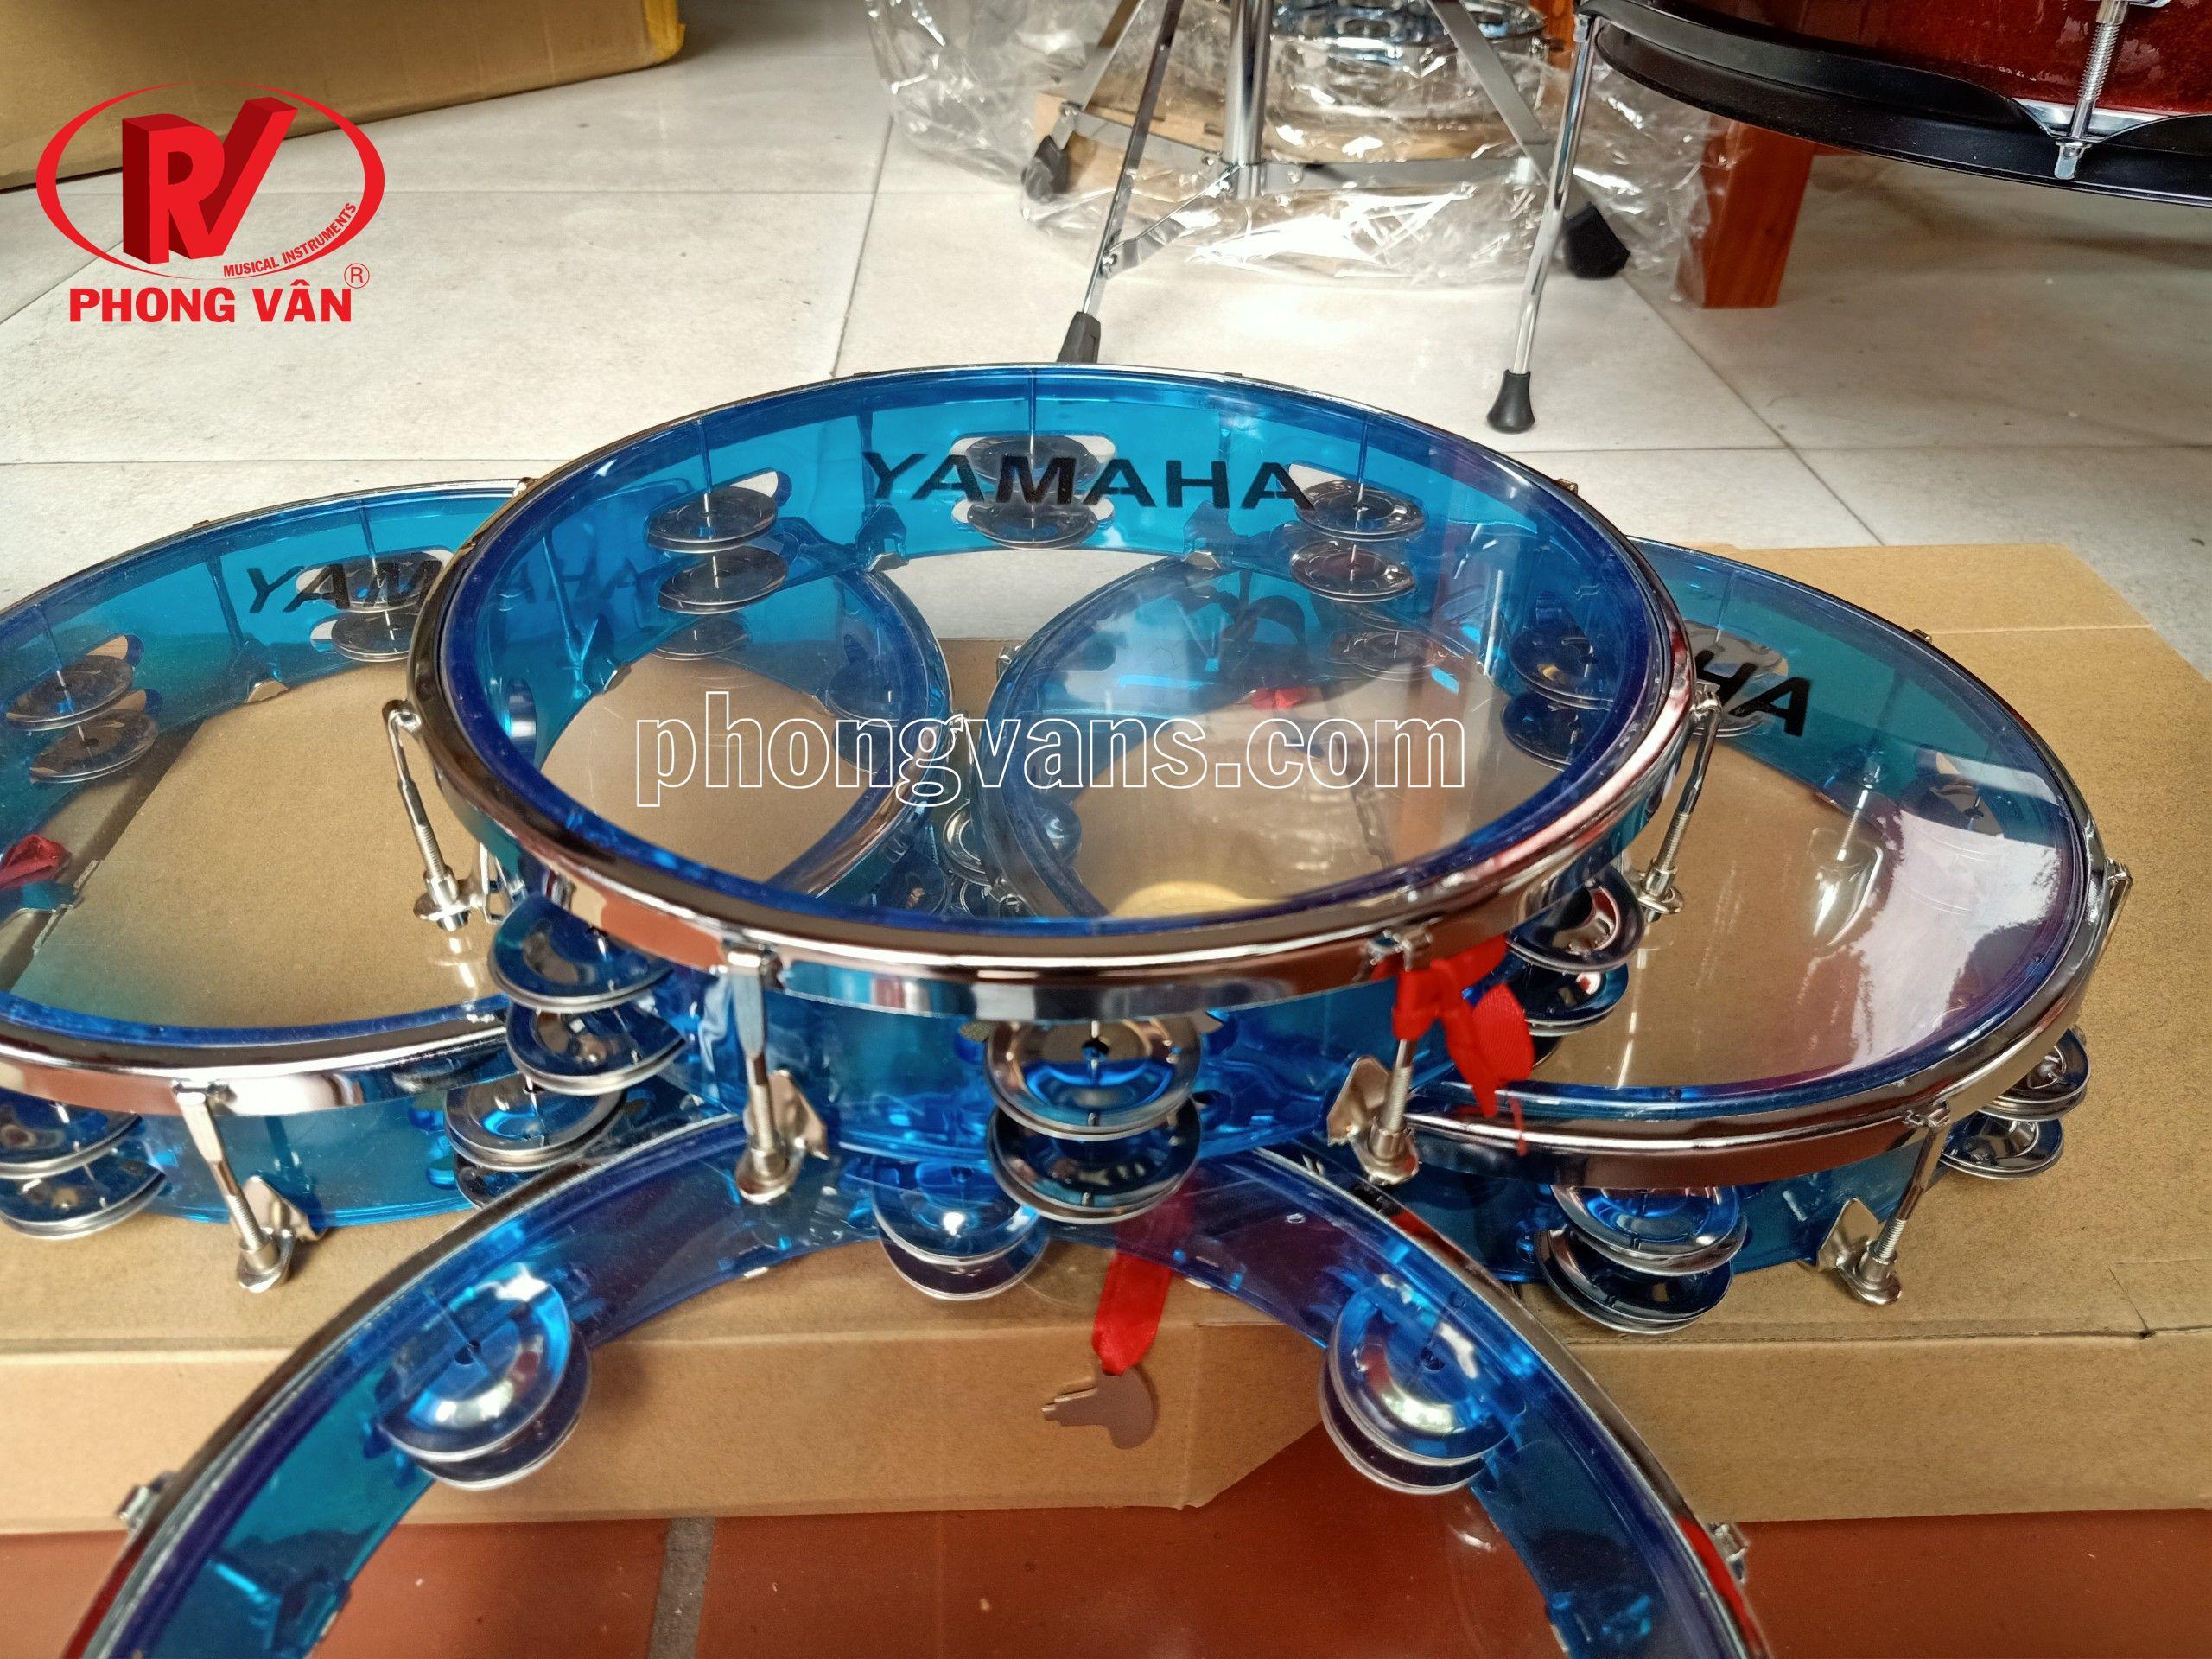 Trống lắc tay lục lạc màu đỏ xanh - Trống tambourine gõ bo